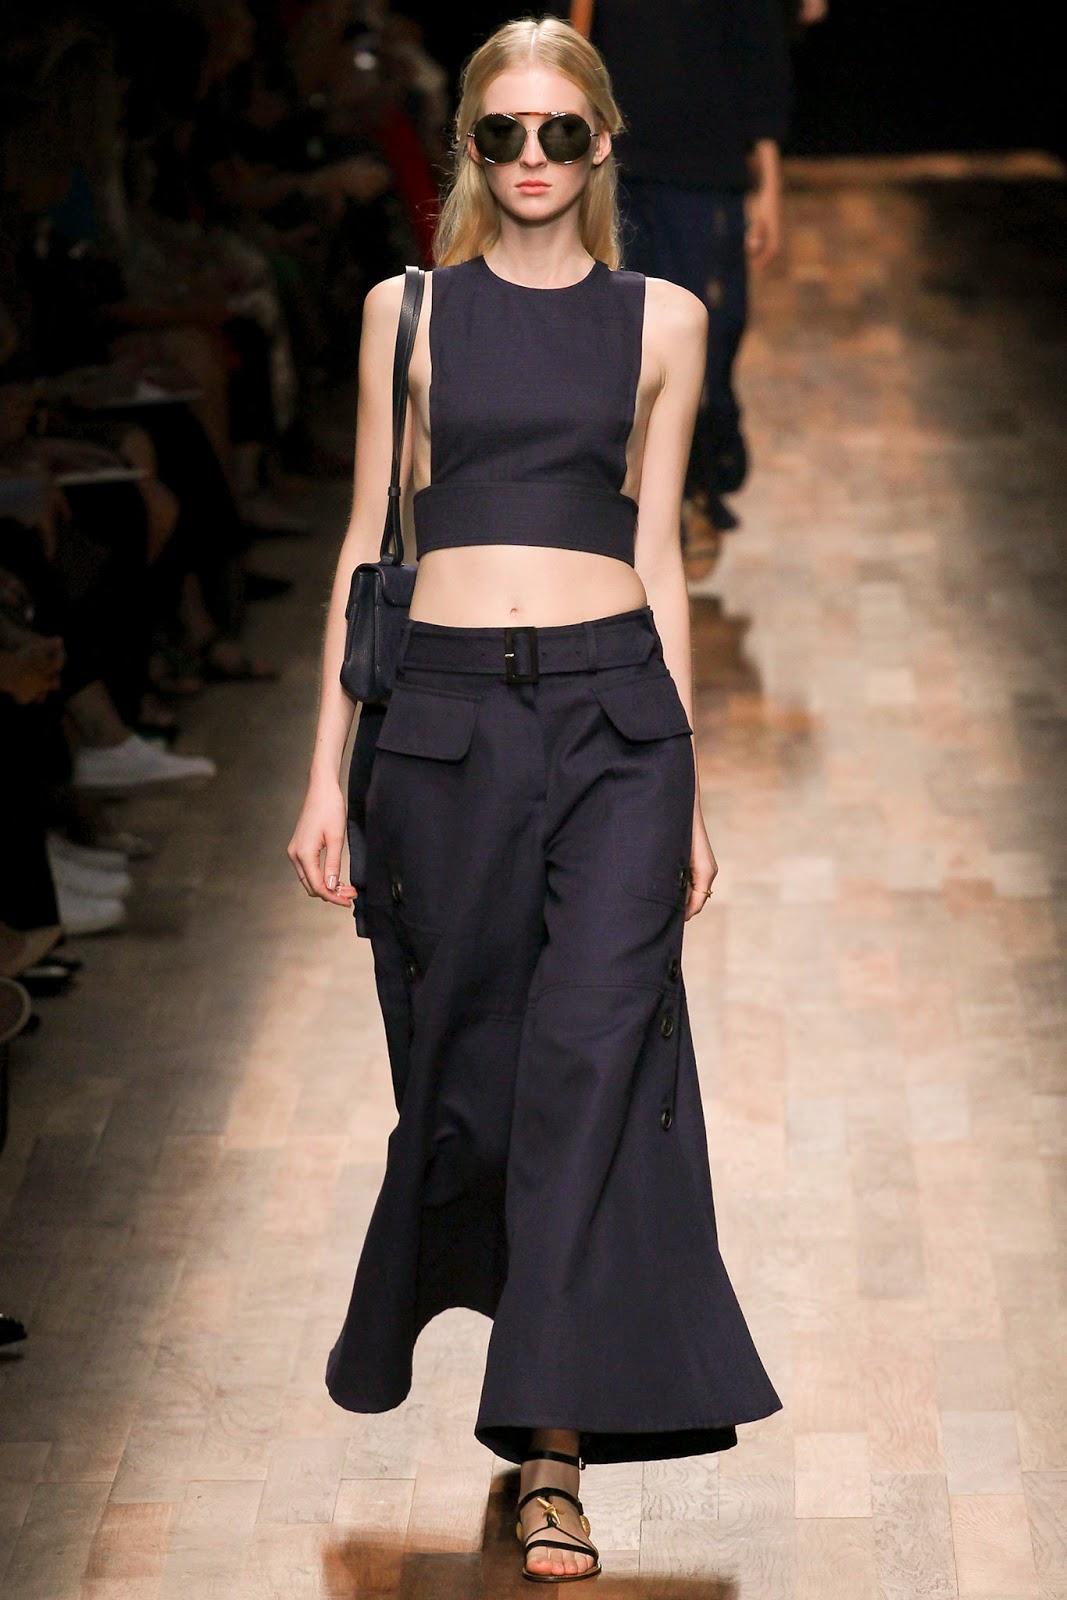 valentino 2015 summer 2016 trend women dress 6 Valentino 2015 samling, våren sommaren 2016 Valentino klänning modeller, Valentino kväll klänning nya säsongen kvinnors kjolar modeller